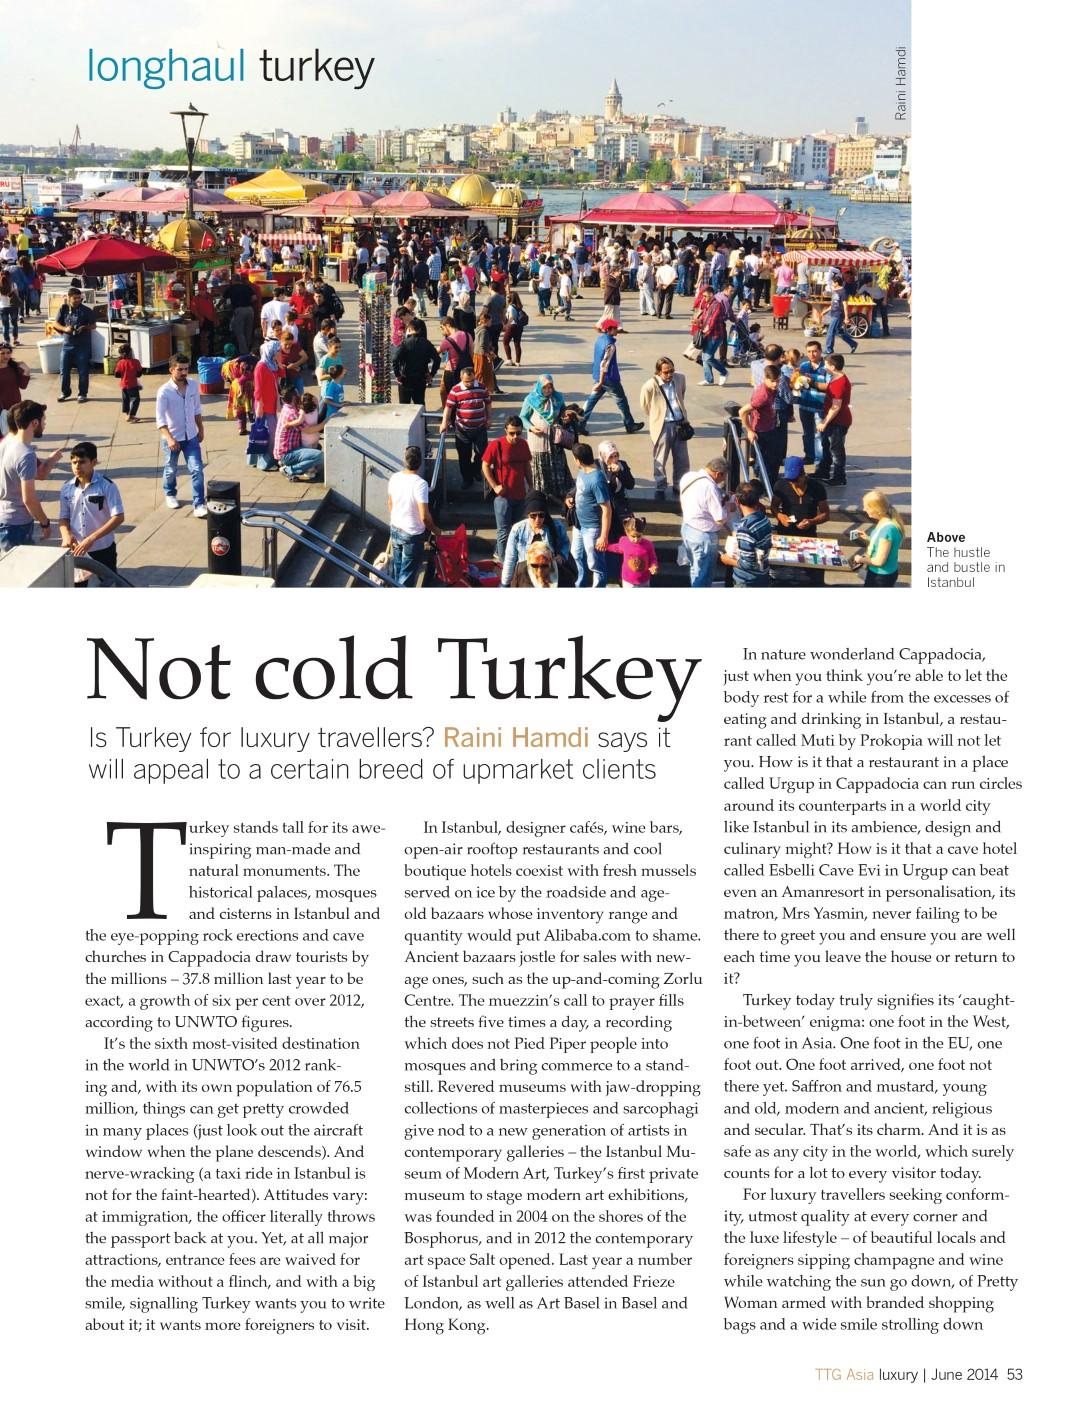 TTG Asia Luxury Turkey